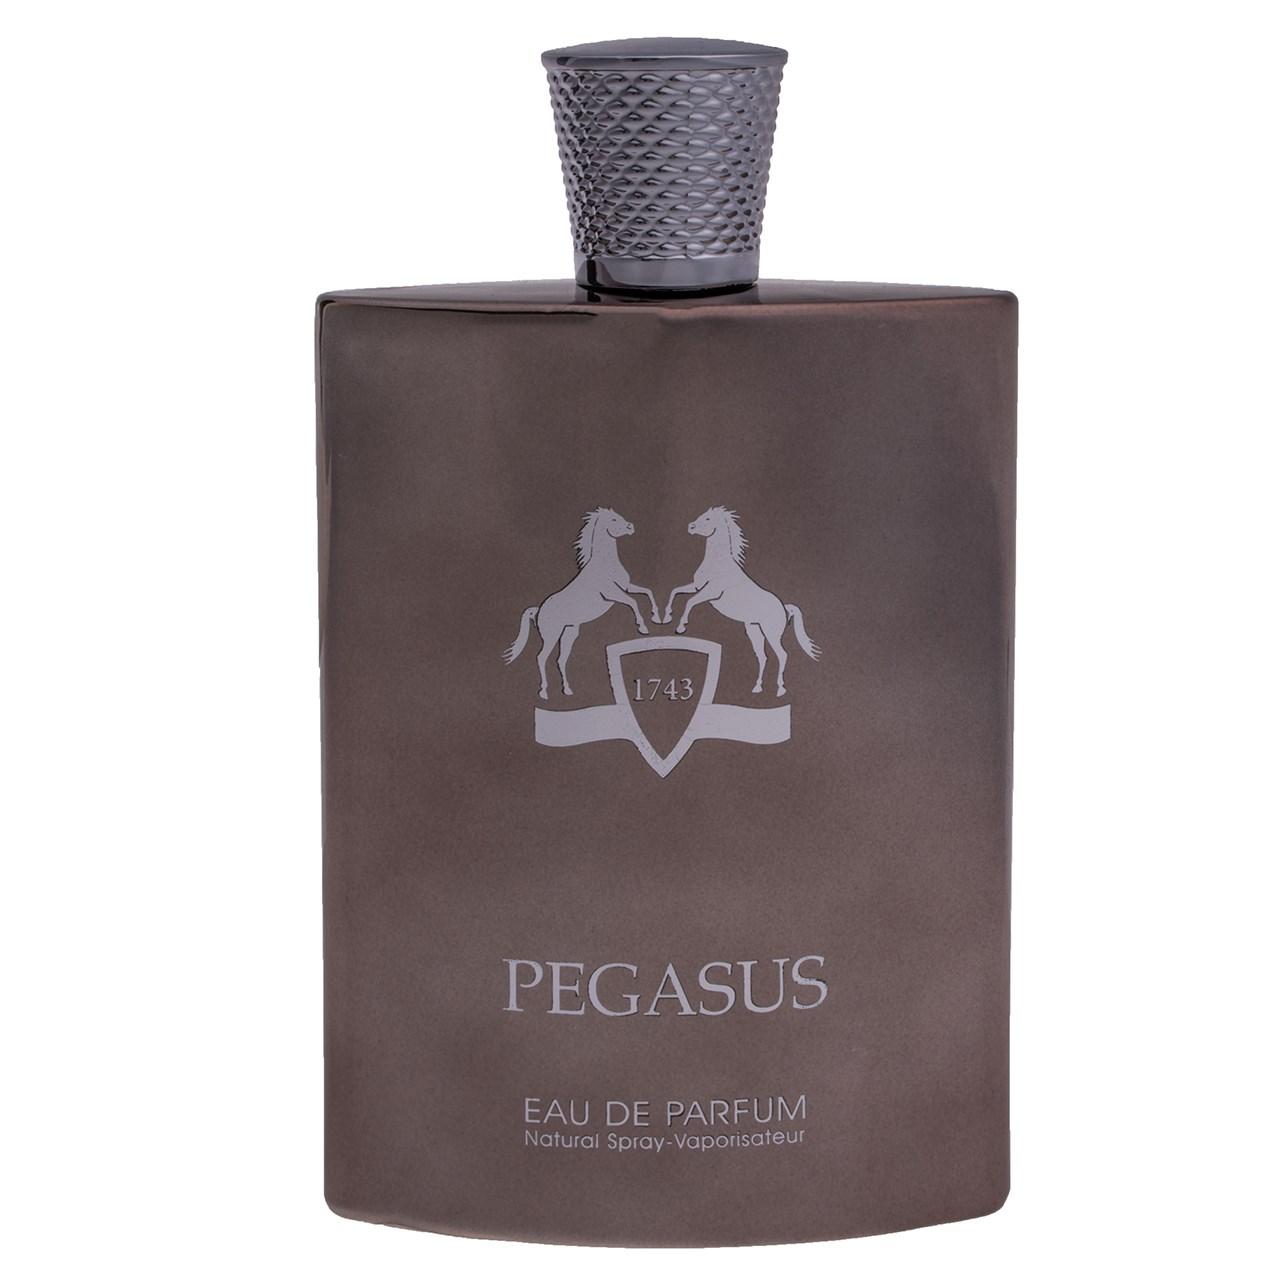 ادو پرفیوم مردانه فراگرنس ورد مدل Pegasus حجم 100 میلی لیتر